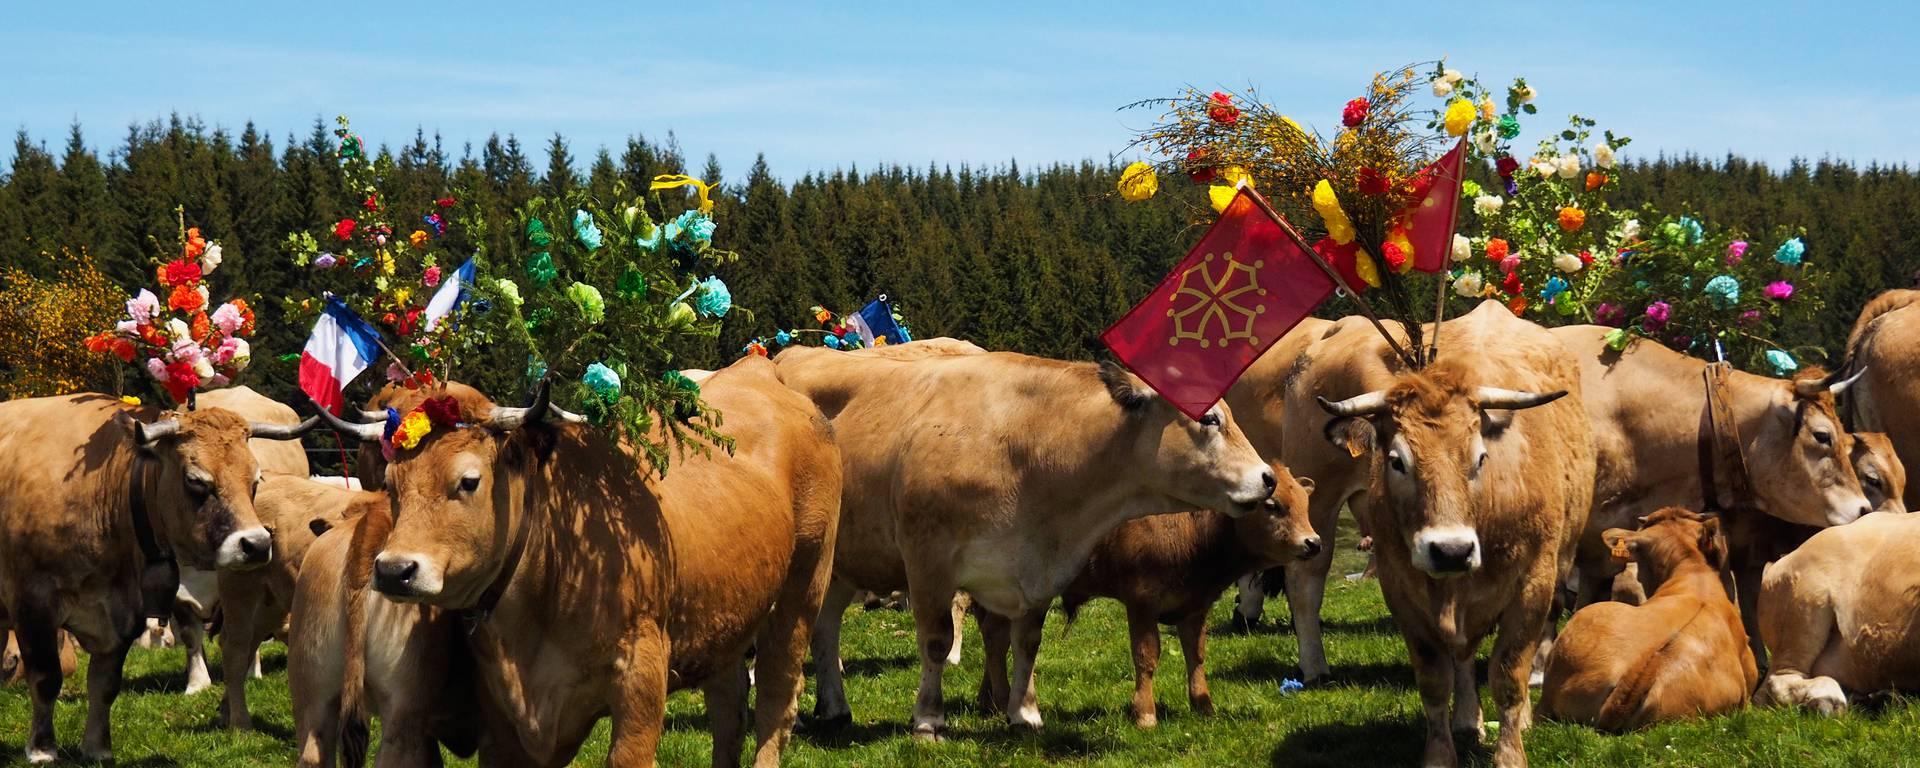 Un troupeau de vaches aubracs lors de la transhumance annuelle.